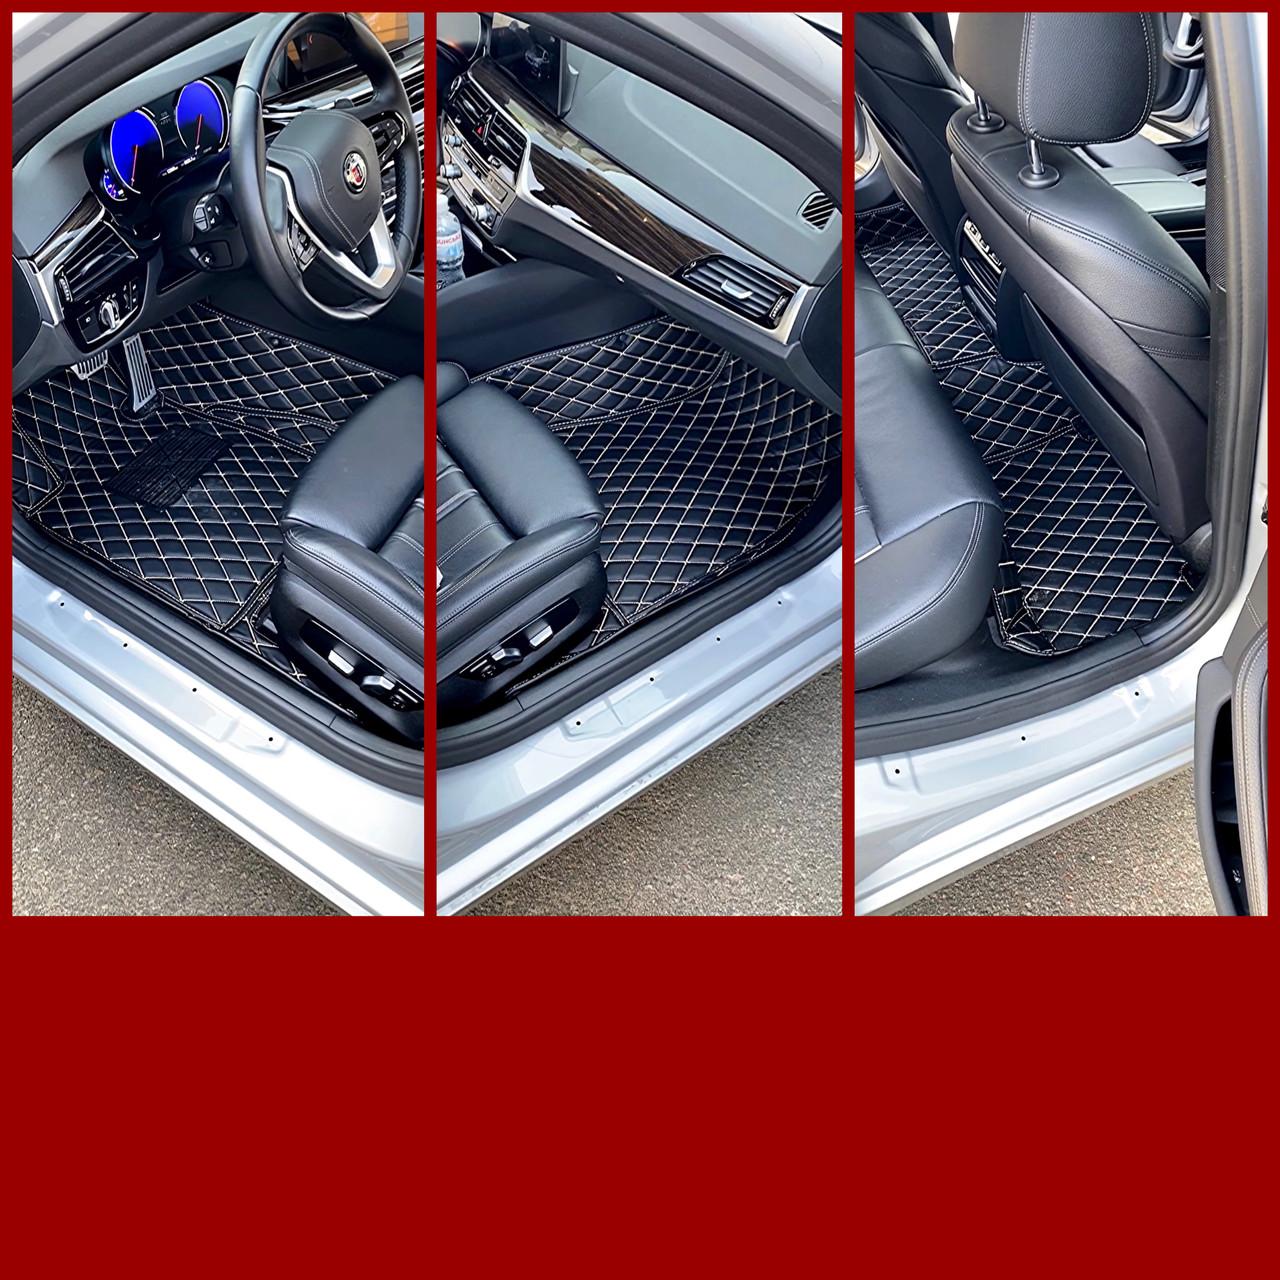 Комплект килимків з екошкіри для Lexus RC, від 2016 року